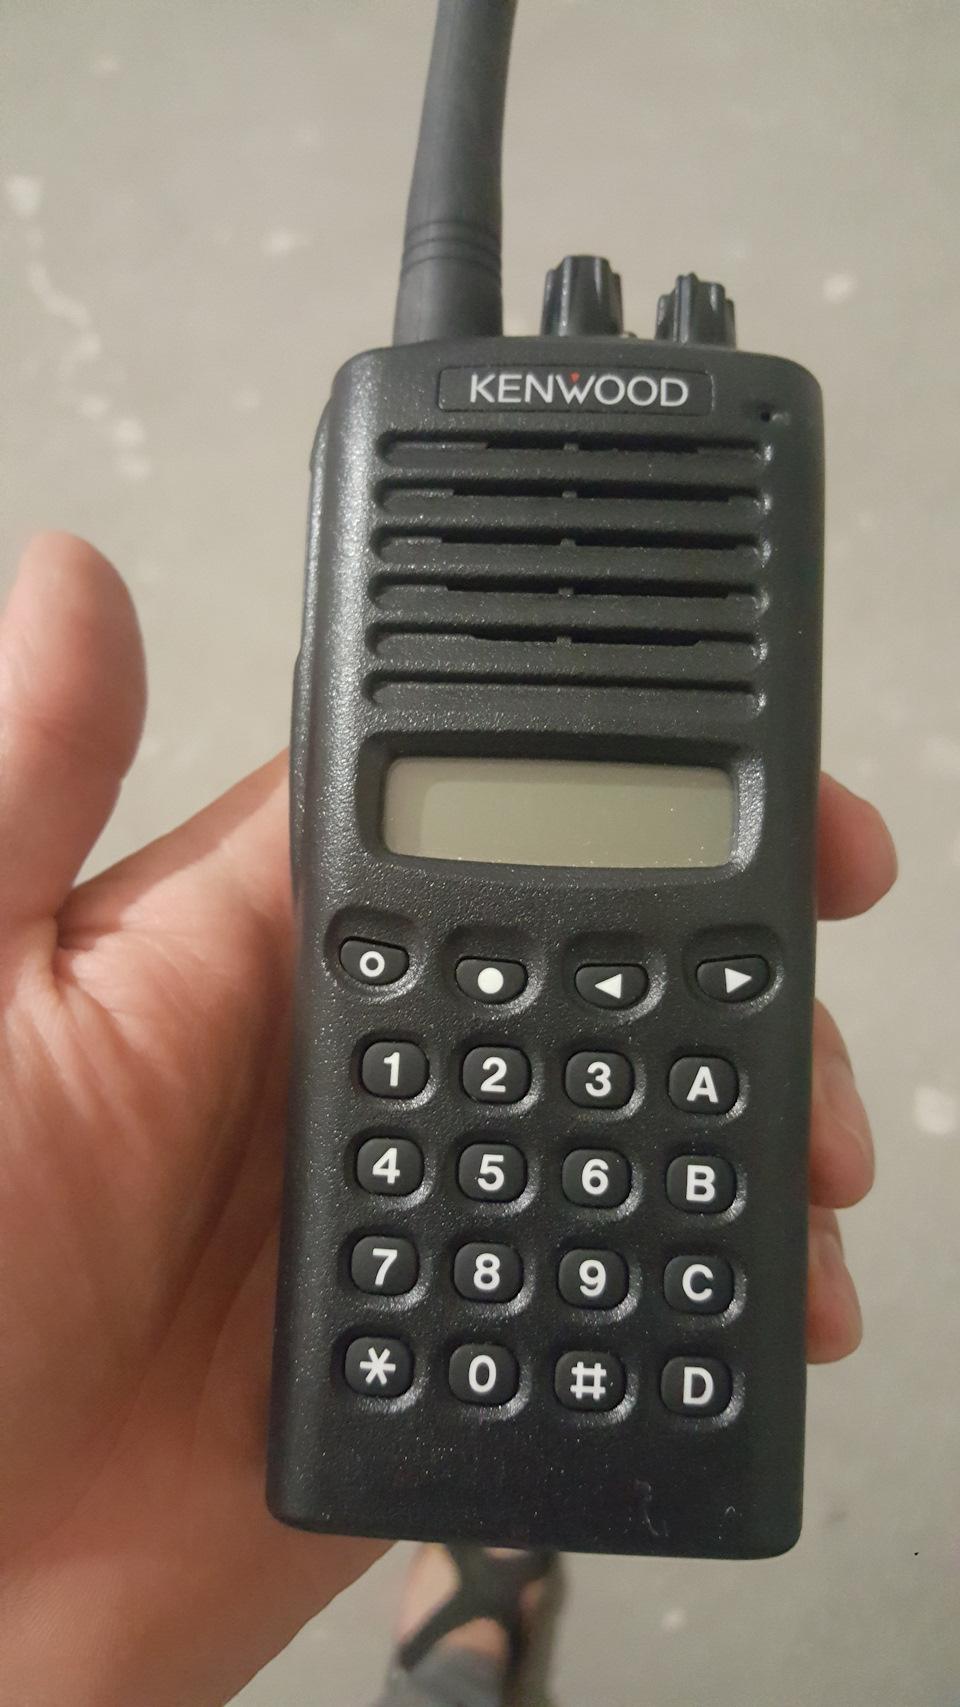 Kenwood TK-270G-1 VHF FM TRANSCEIVER RADIO